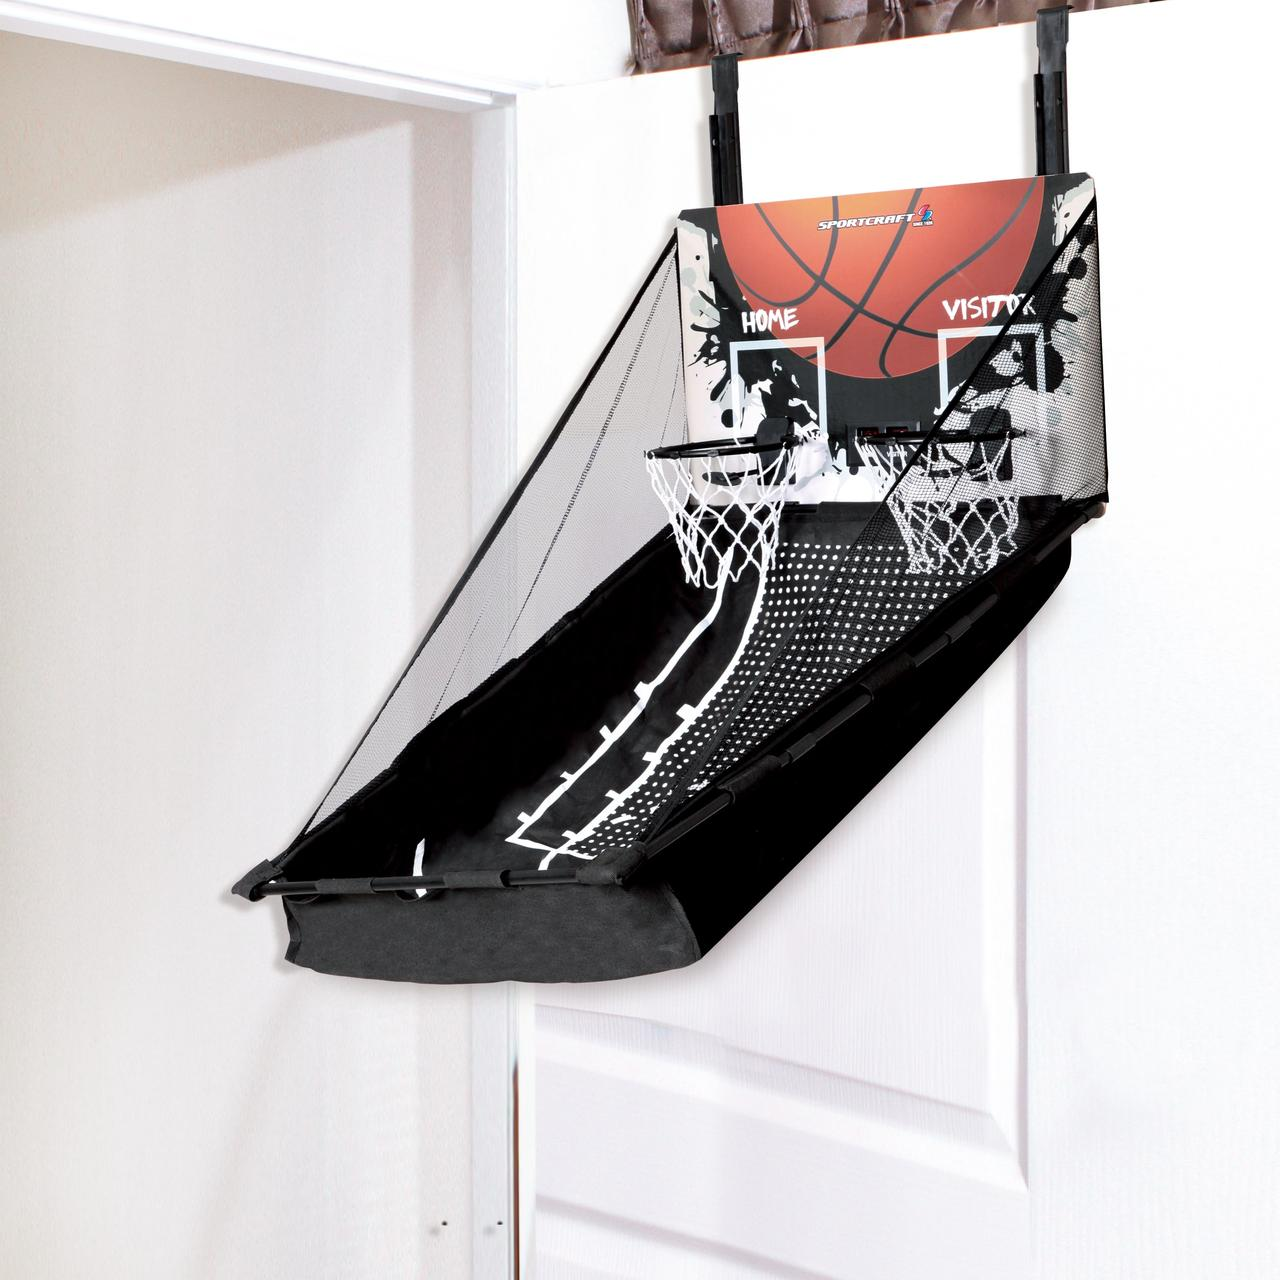 Баскетбольное кольцо на дверь  SPORTCRAFT  ARCADE